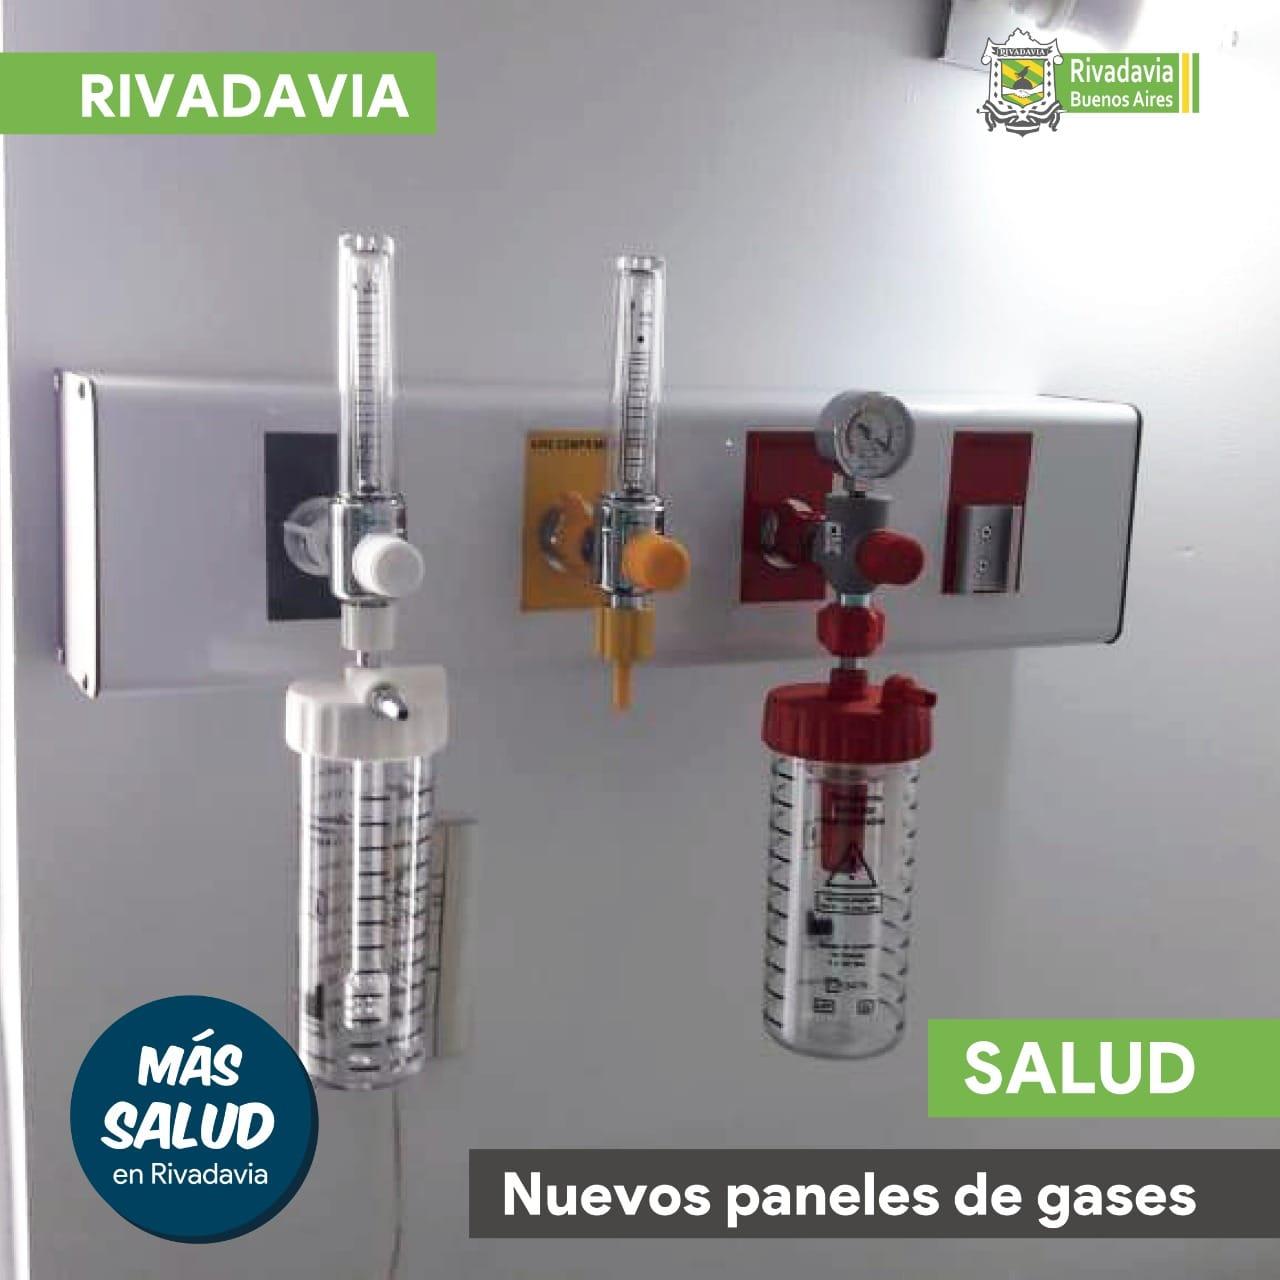 NUEVOS PANELES DE GASES EN EL HOSPITAL MUNICIPAL